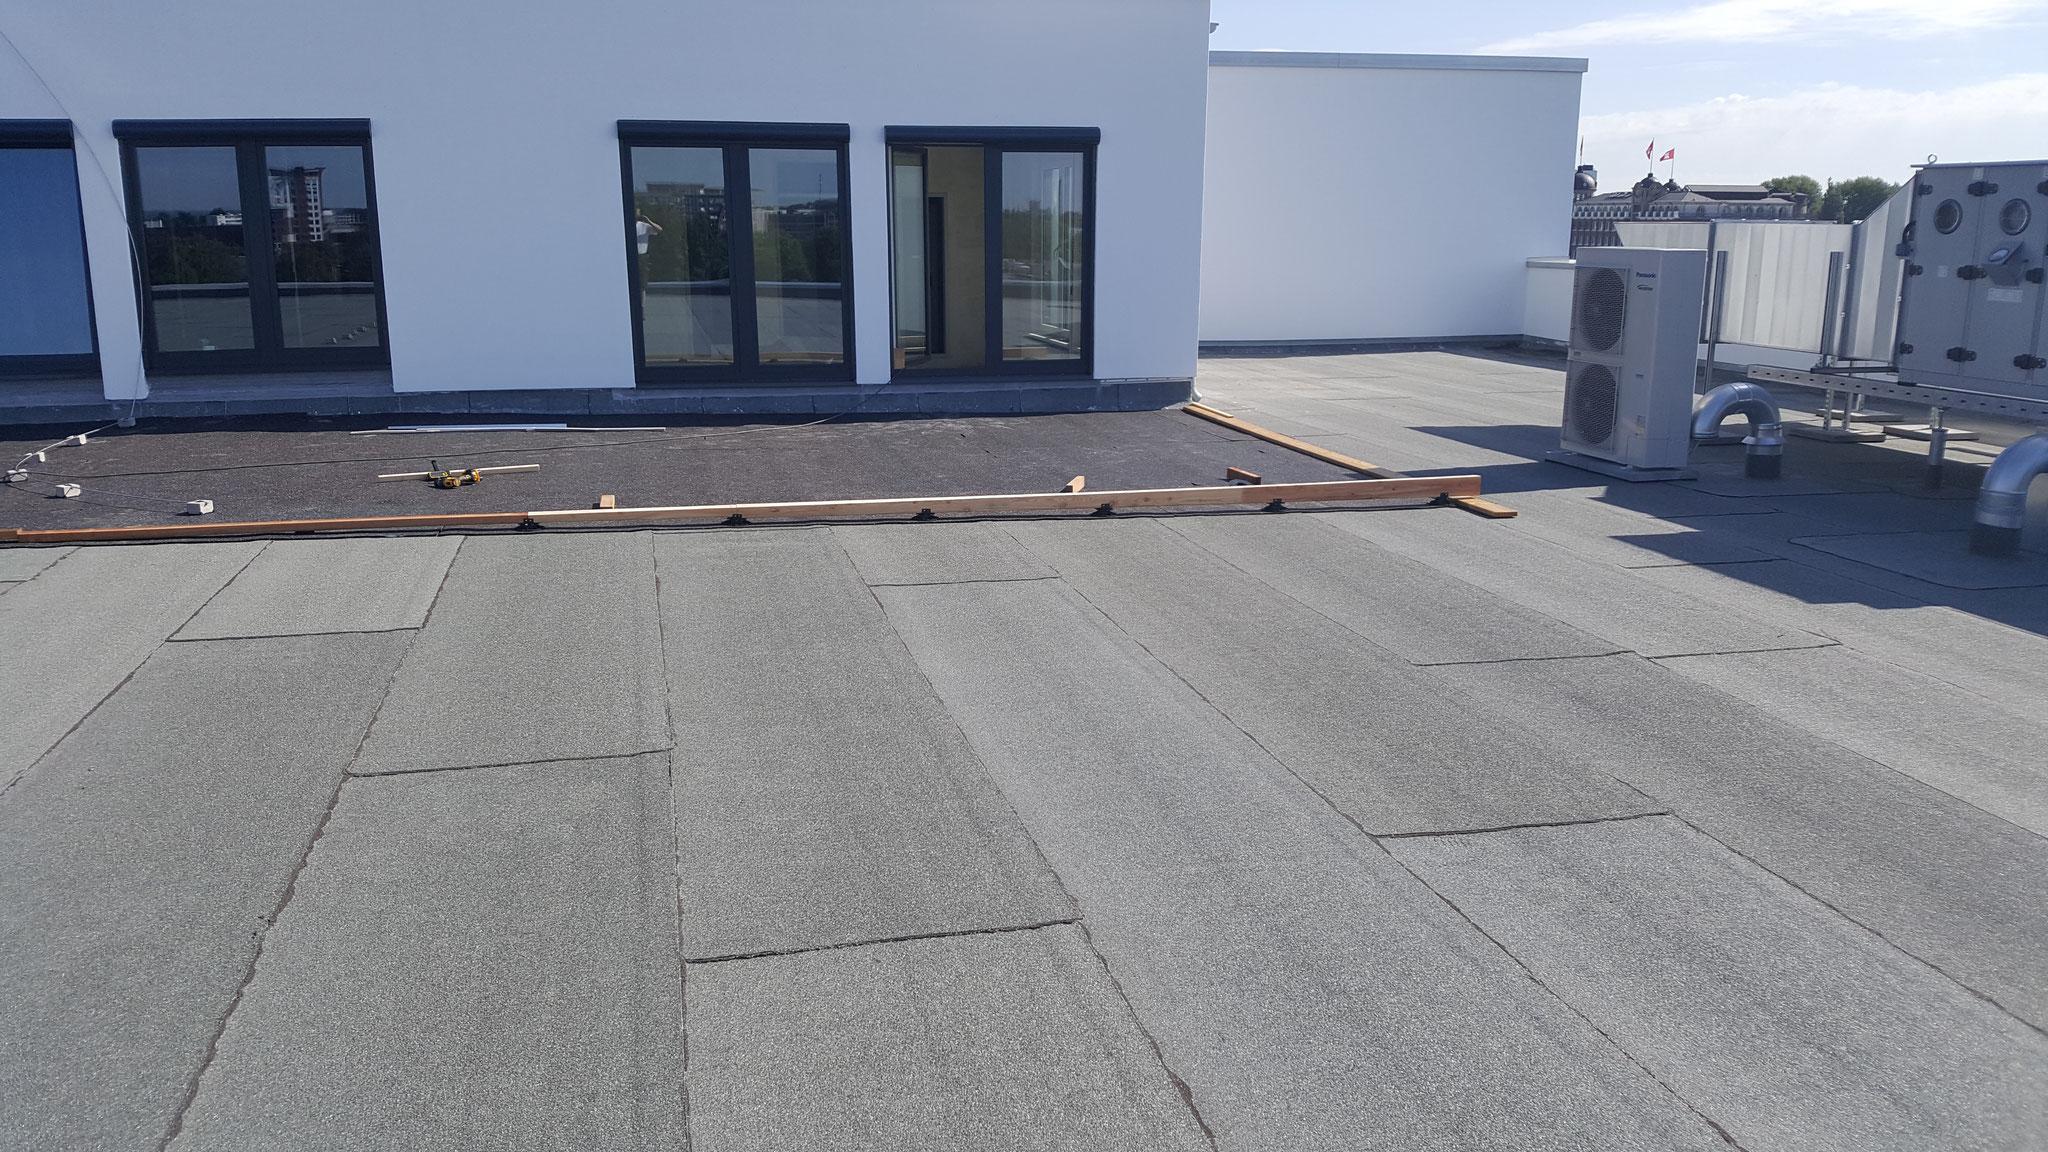 Der Höhenunterschied des Dachgefälles musste ausgeglichen werden.